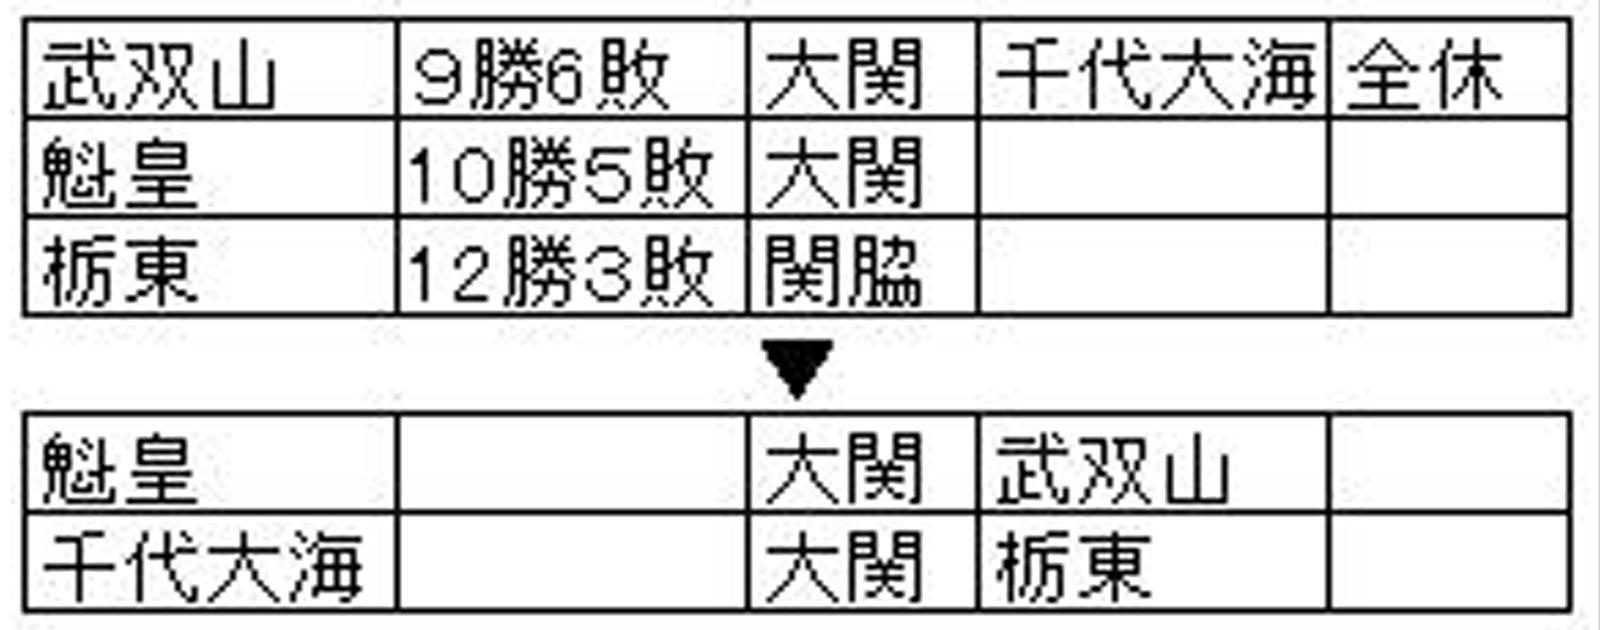 栃東の位置A